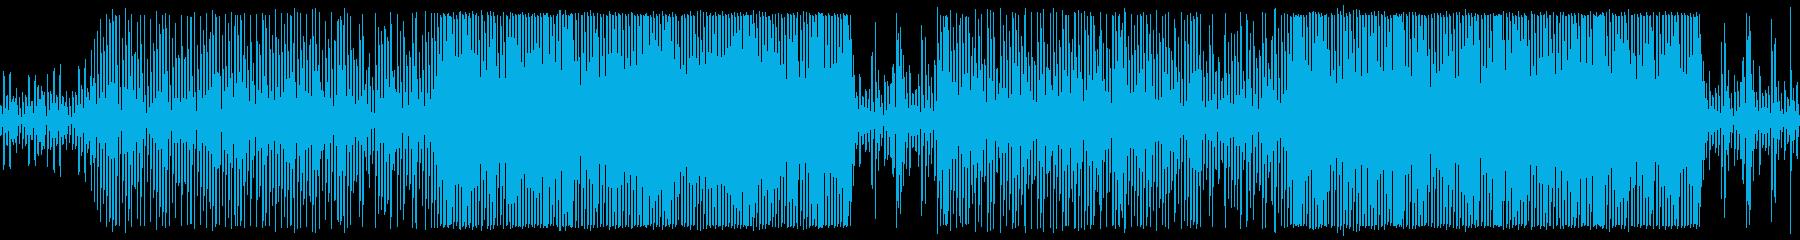 おしゃれで軽快な映像向きのBGMの再生済みの波形